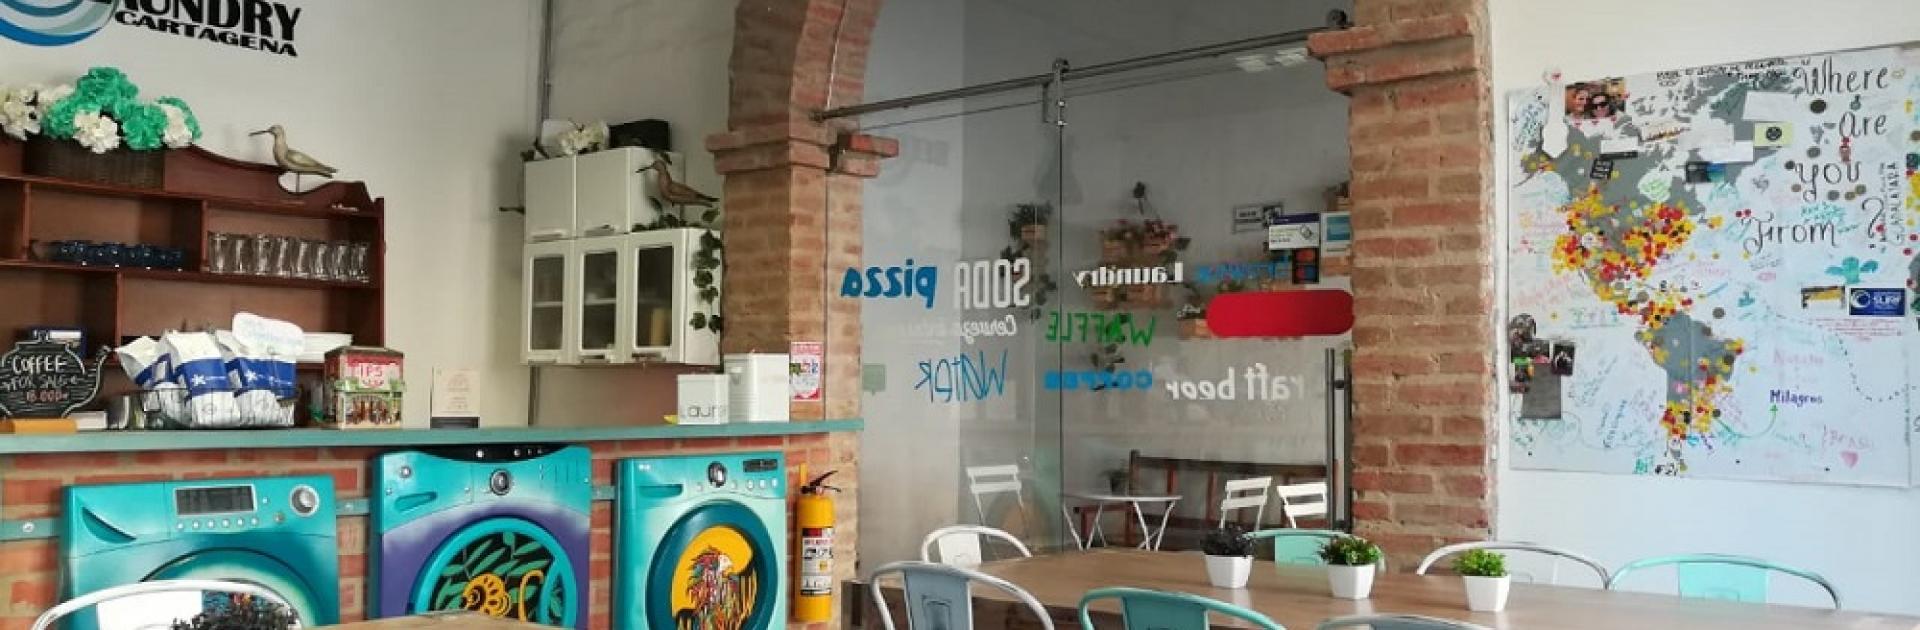 Beer and Laundry, restaurante Cartagena participante de Dónde Restaurant Week 2019, Cartagena de Indias